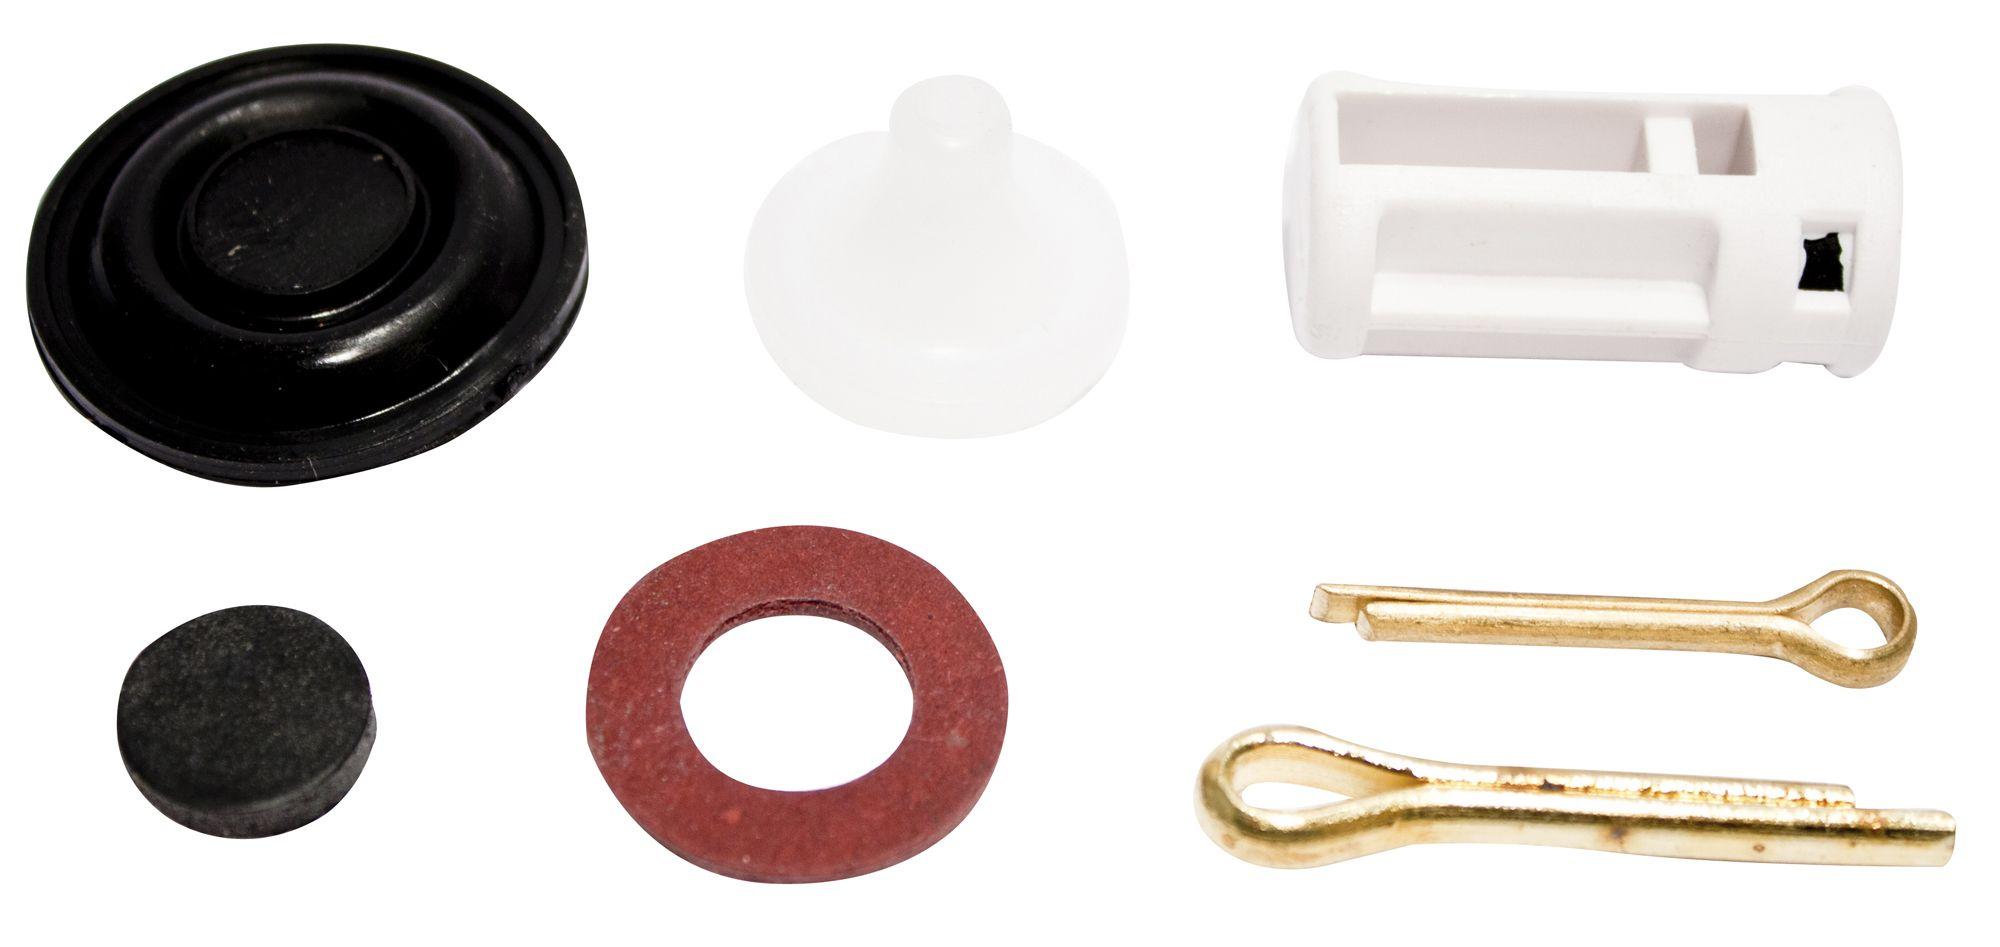 Artex Easifix Floor Repair Kit Departments DIY at BQ